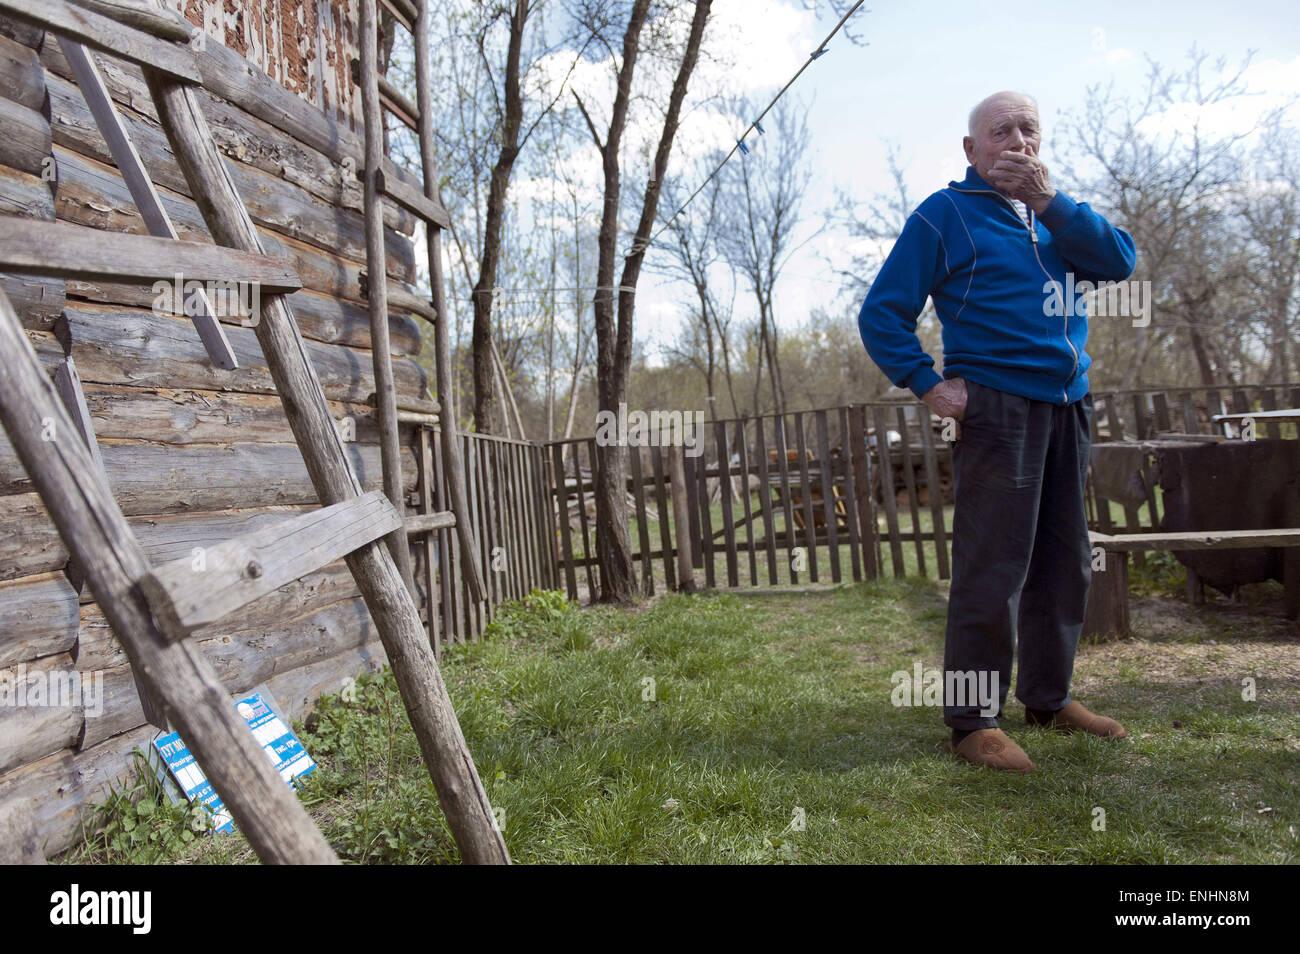 April 24, 2015 - Chernobyl, Ukraine - Ukraine. Pripyat. Chernobyl. Jevgenie Markovitjs. 77 years old...Several hundred - Stock Image